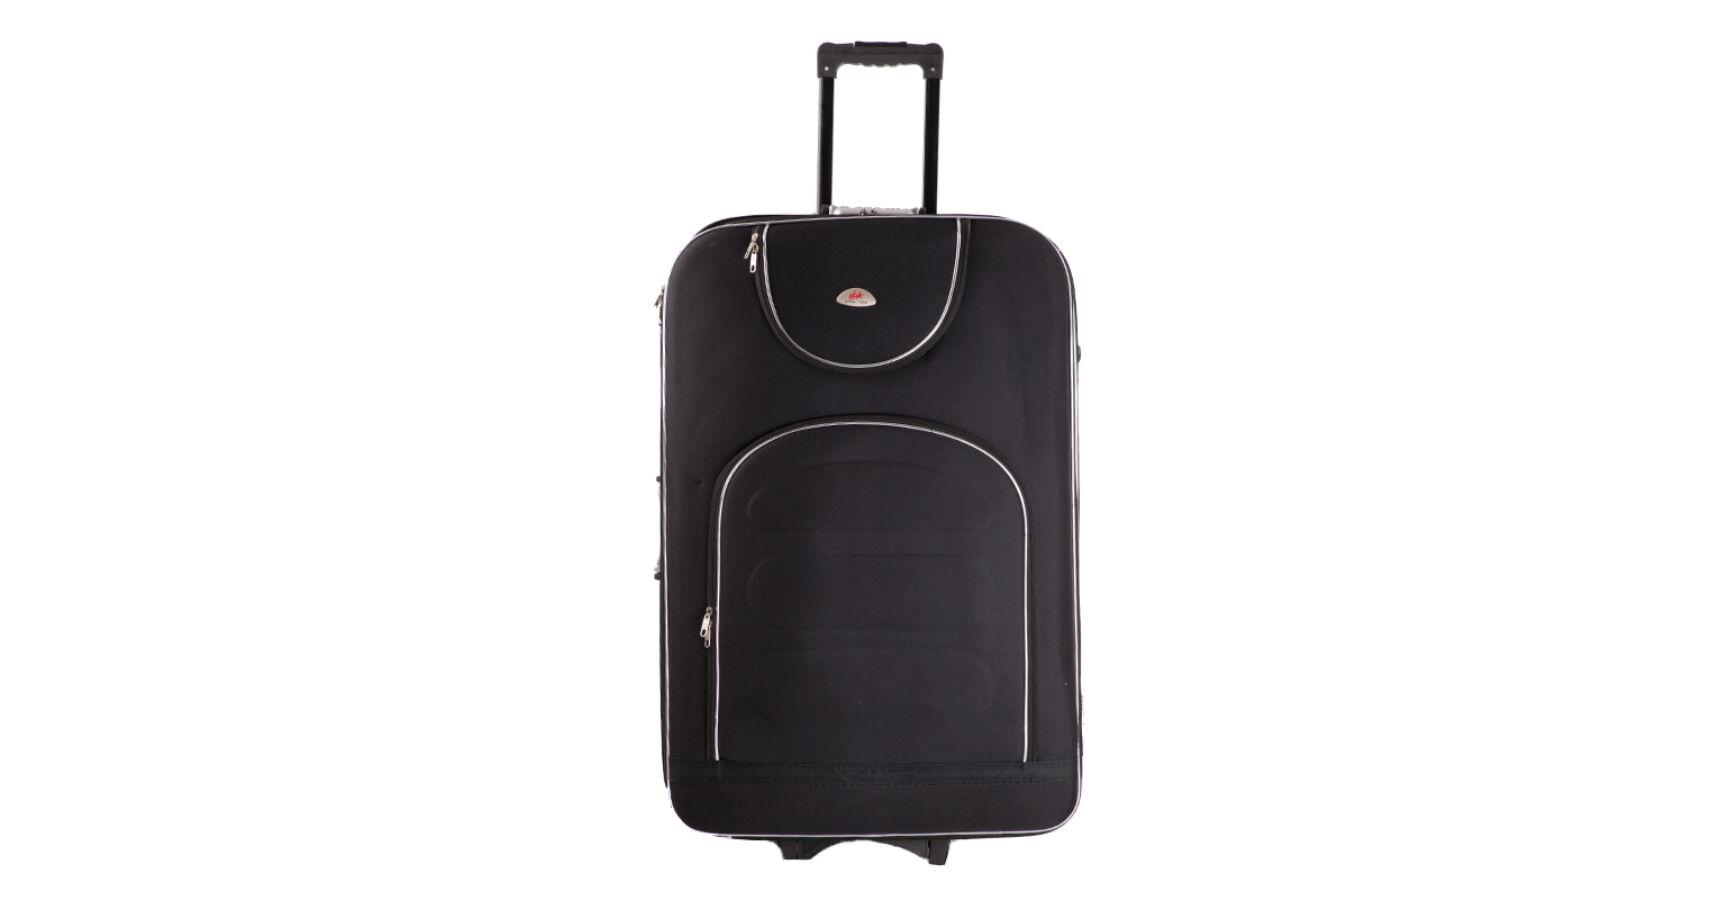 f6644a459d5d Bőrönd XXXL óriás méretben - Akciós bőrönd - Etáska - minőségi táska  webáruház hatalmas választékkal